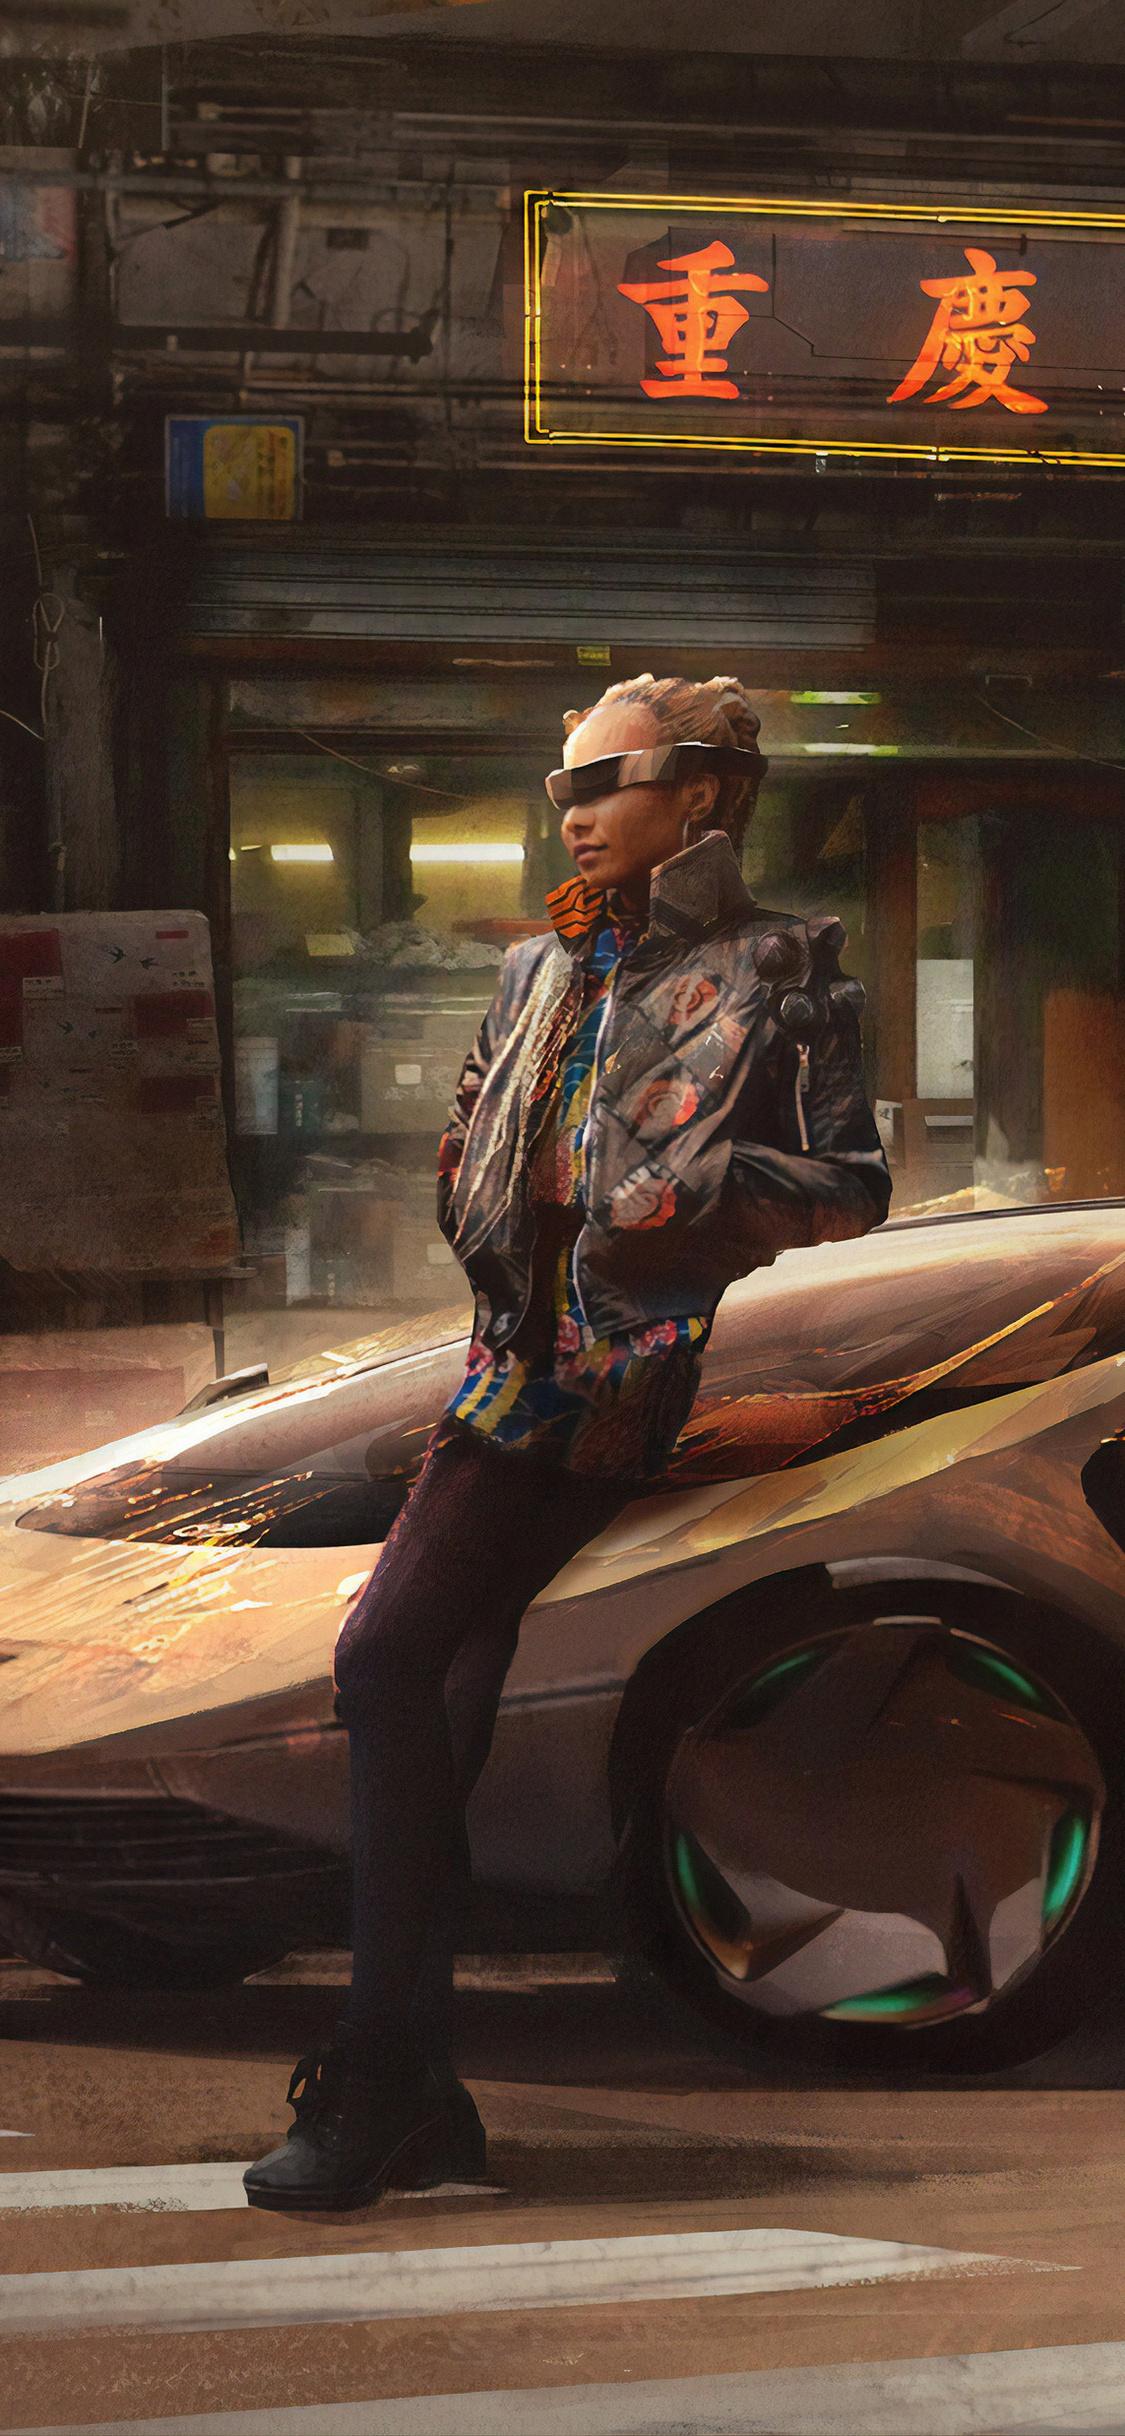 cyberpunk-girl-with-car-wj.jpg